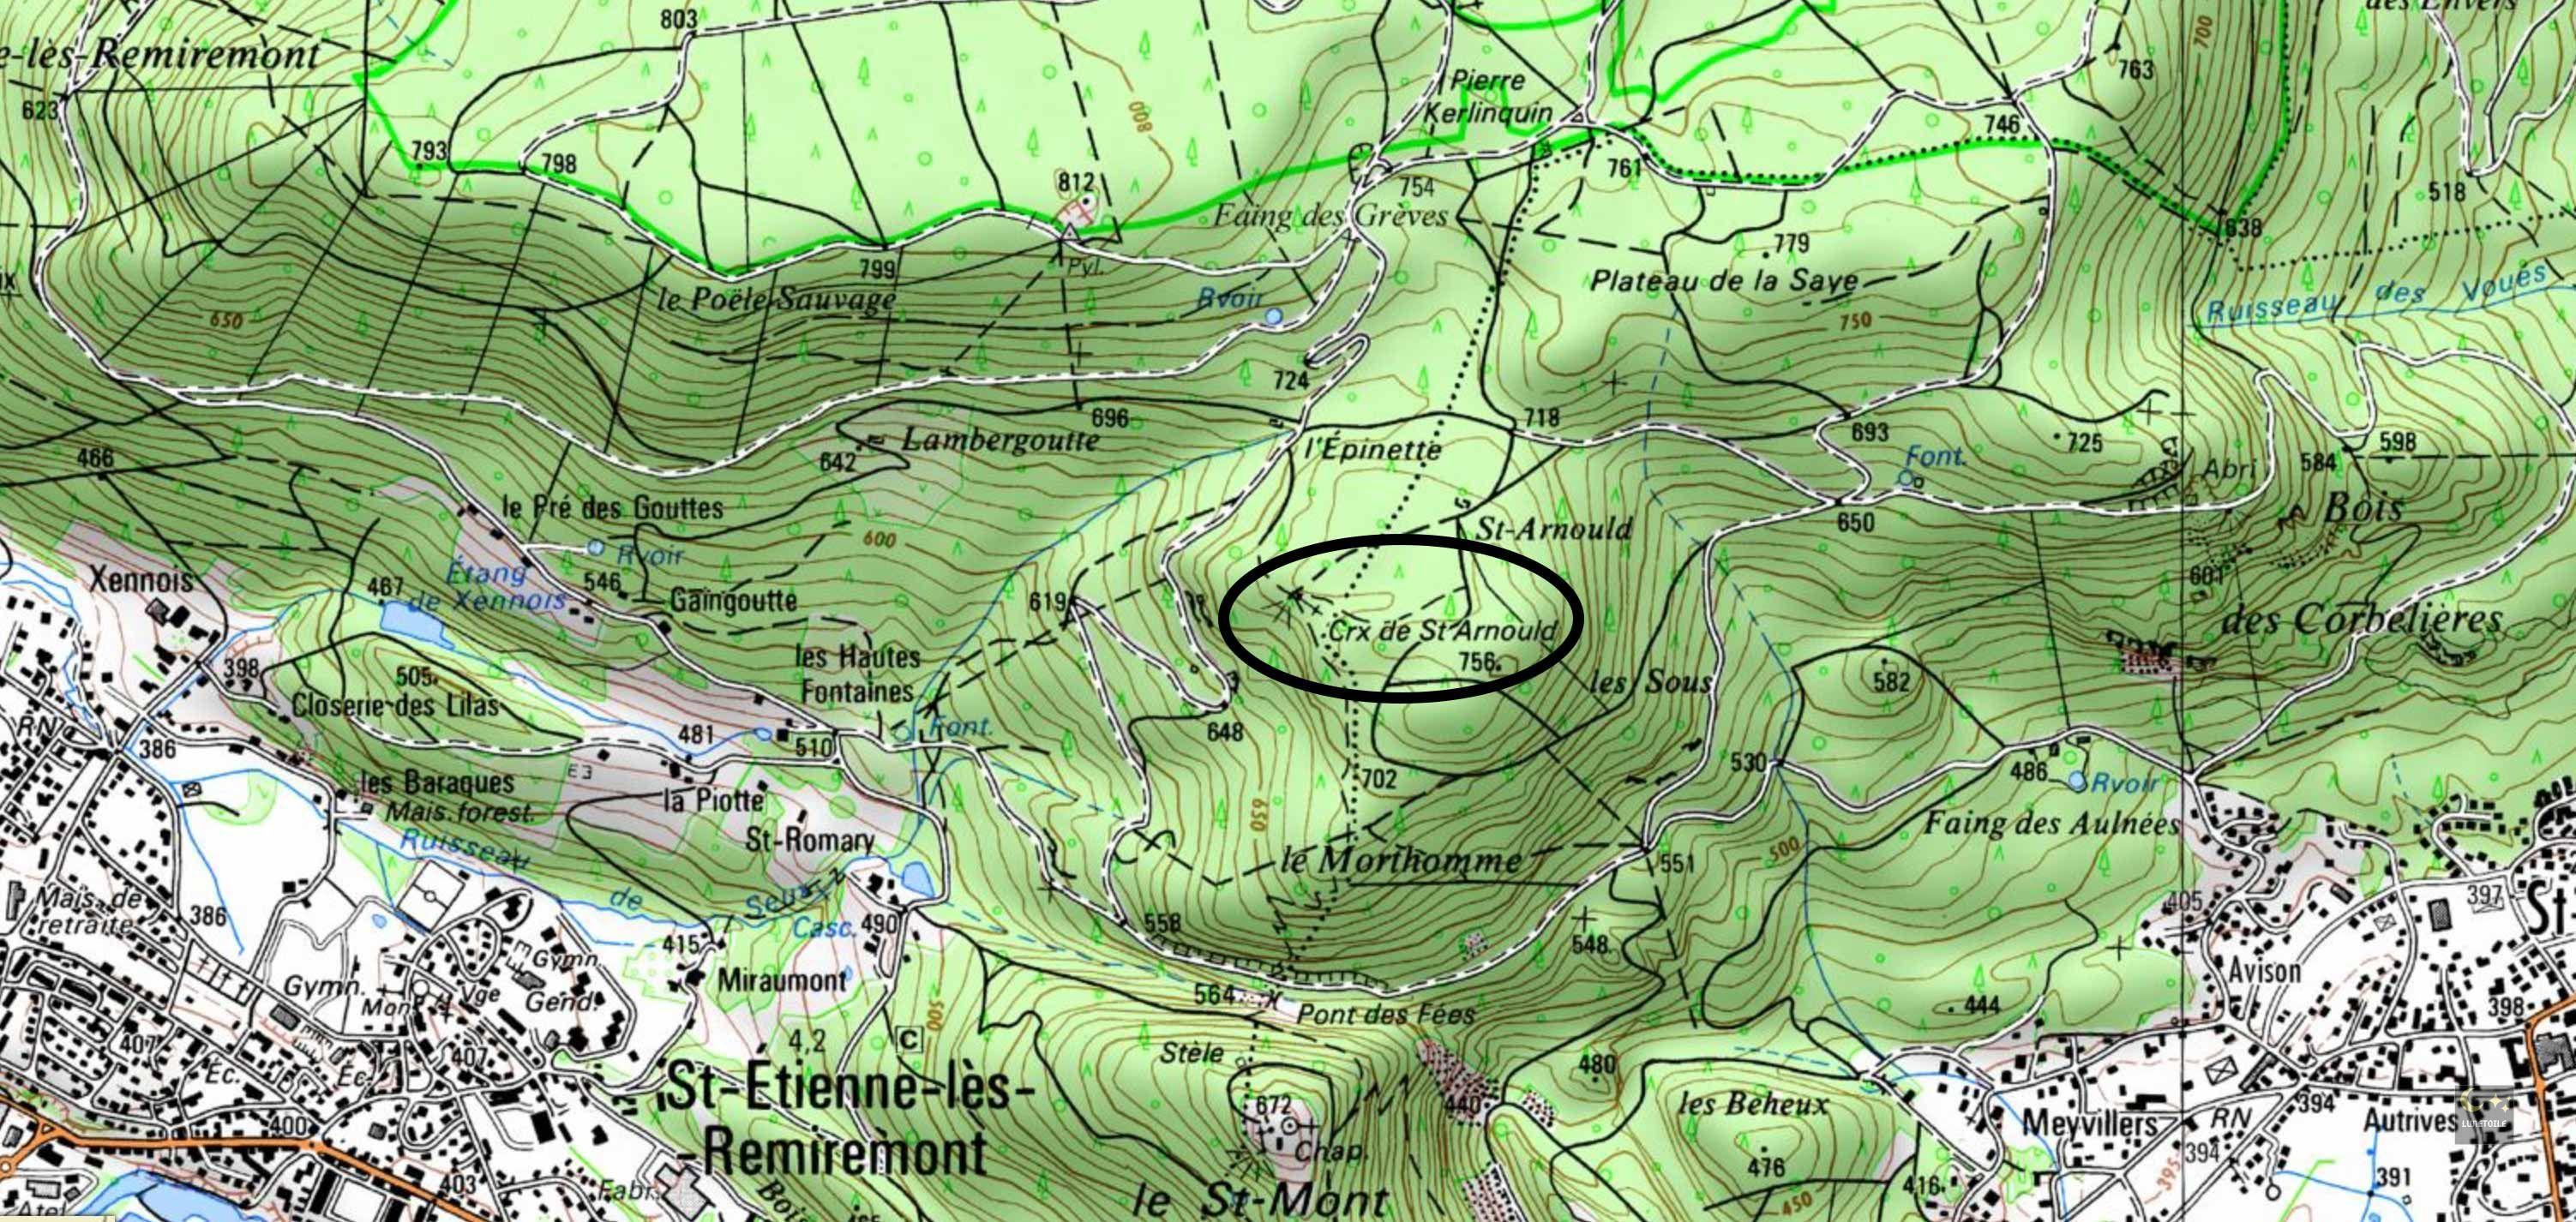 Bains Dames La Tour Auto Electrical Wiring Diagram 3785 S204t Maxon Croix Et Ermitage De Saint Arnould U2013